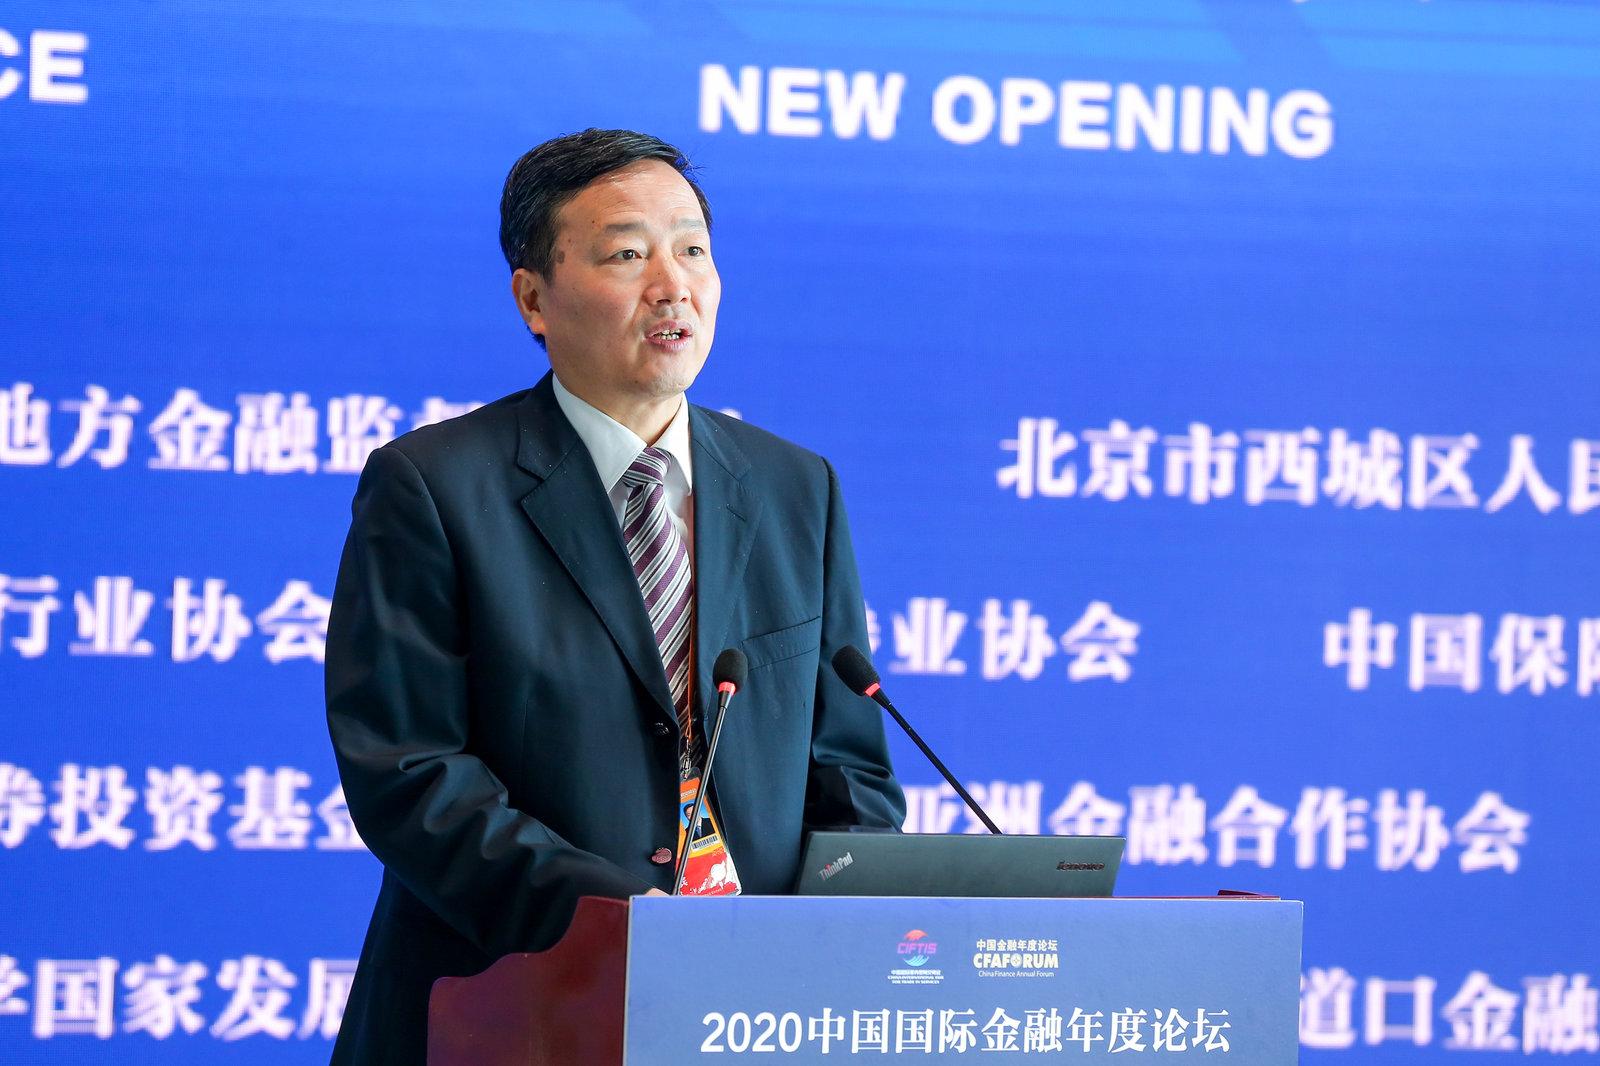 《【区块链技术】工商银行副行长张文武:区块链技术已在多地应用》